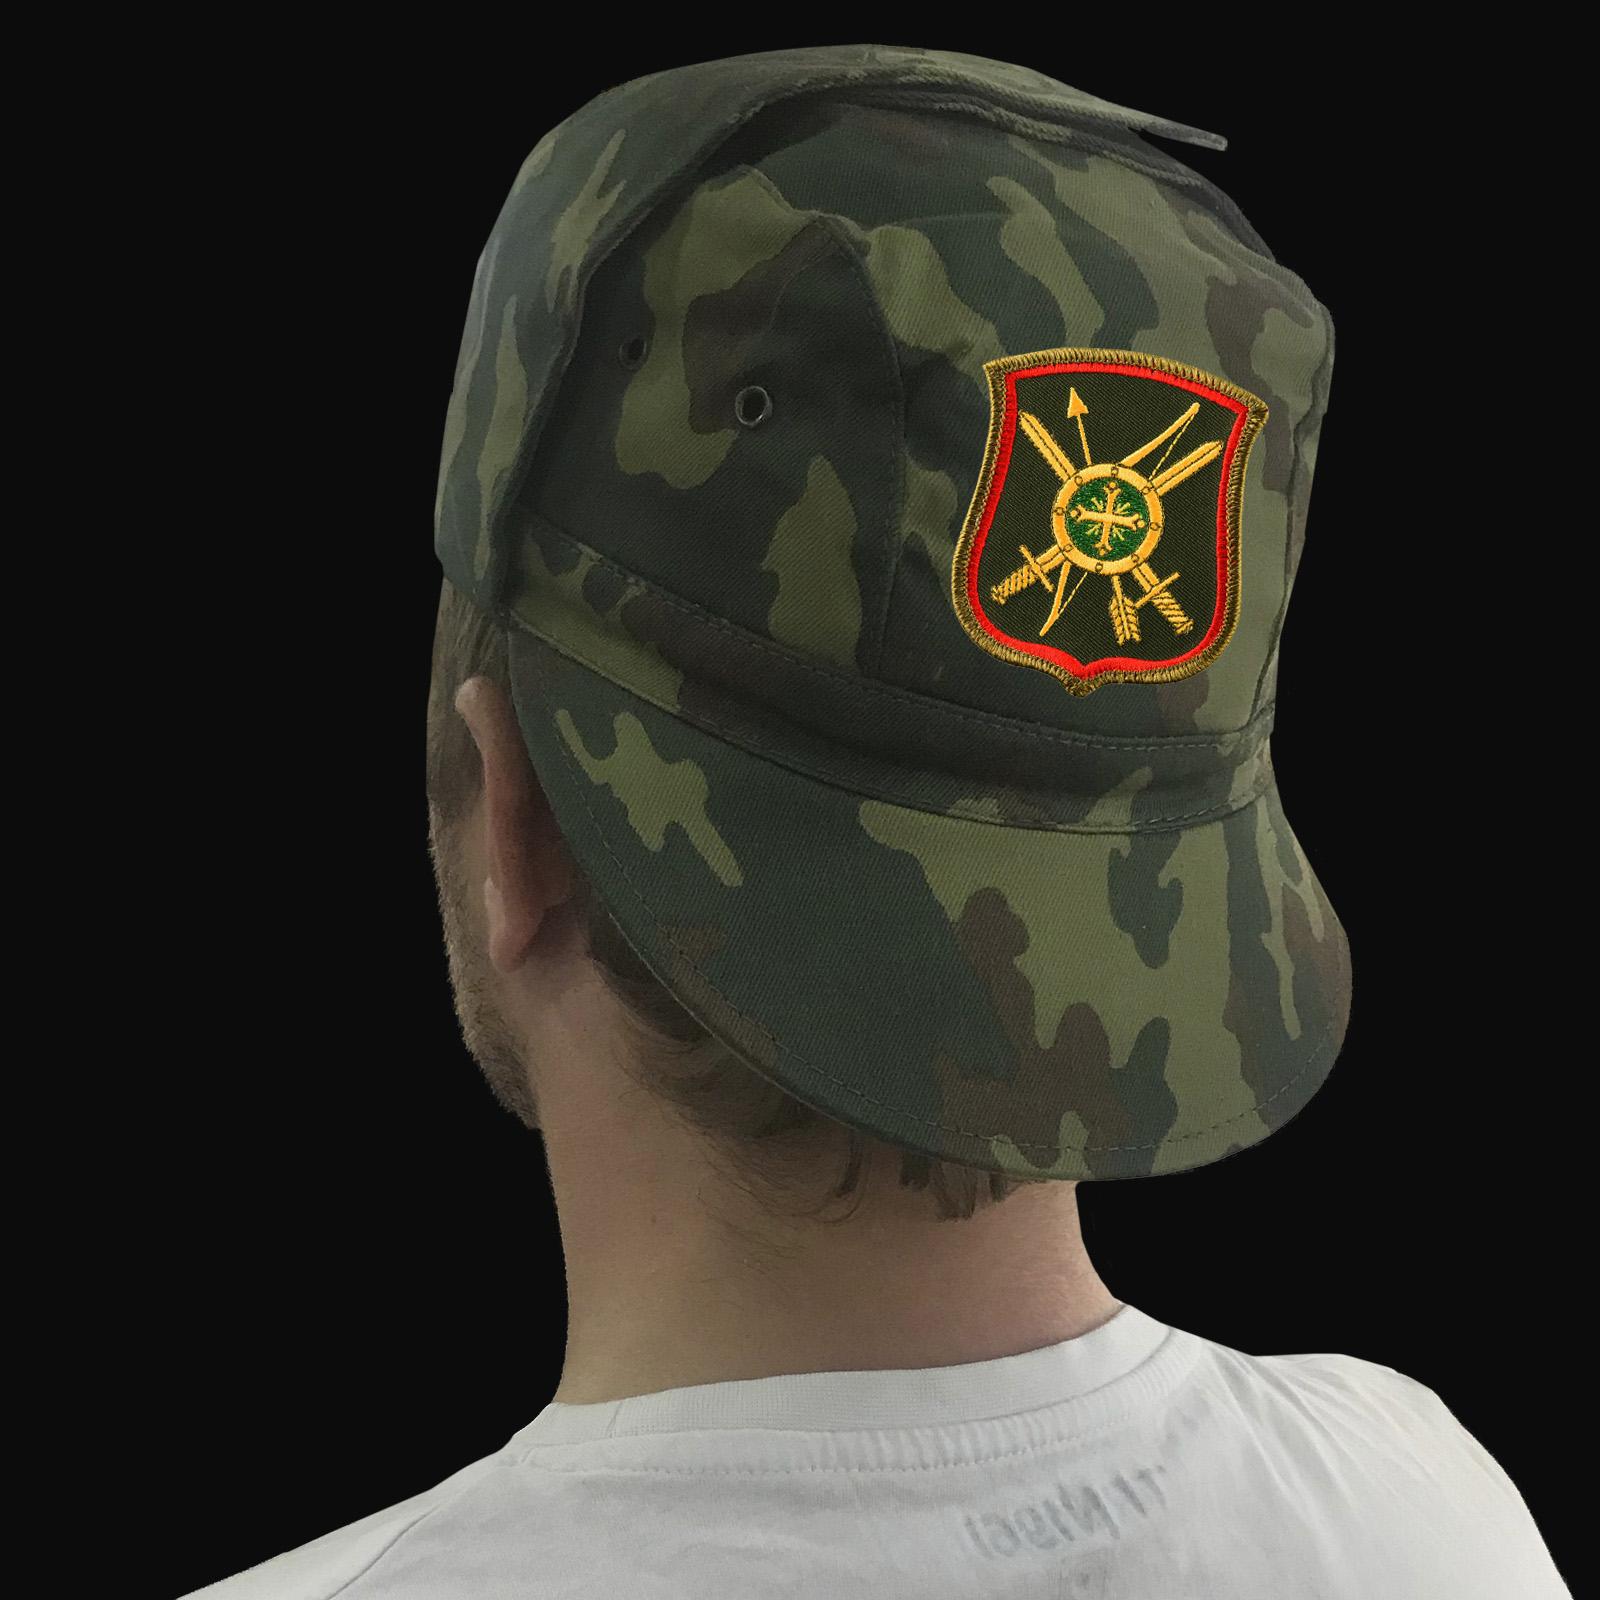 Недорогие товары с символикой Ракетных войск стратегического назначения